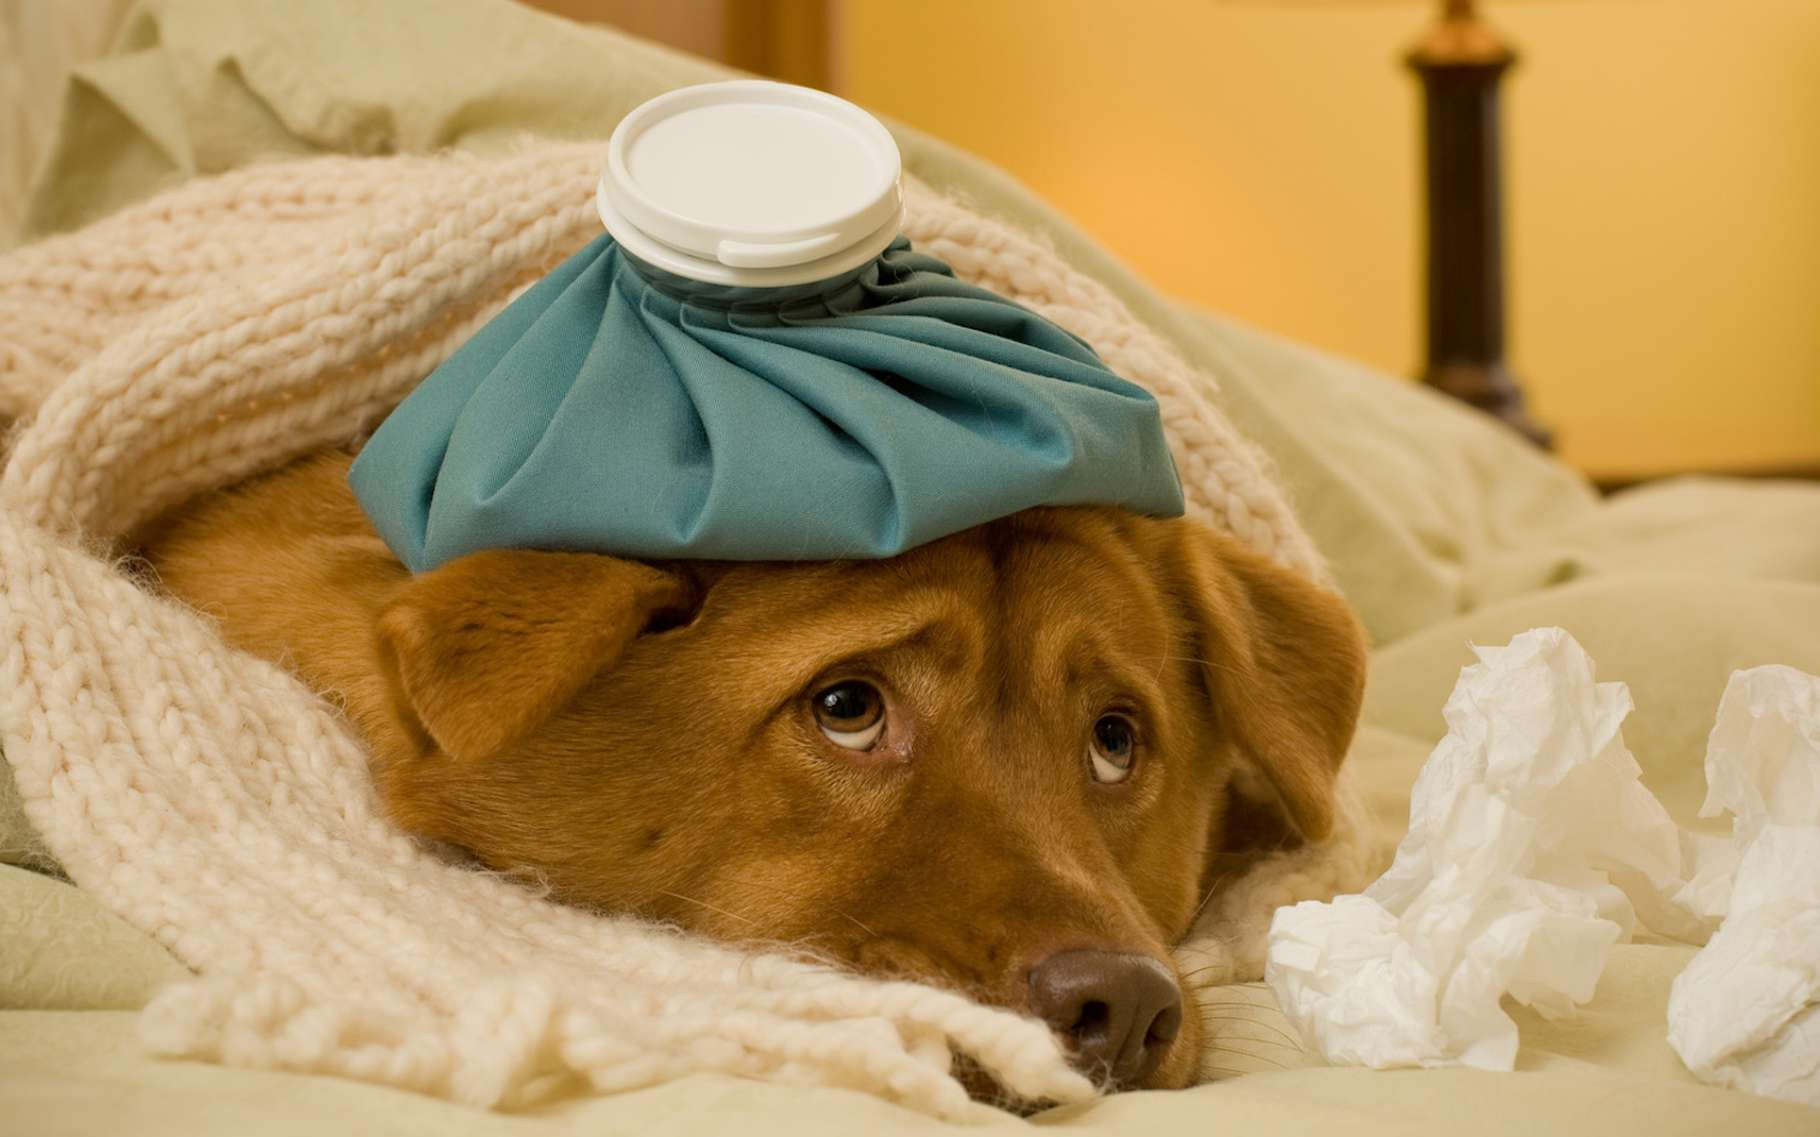 Chez des chiens vivant en Chine, les chercheurs ont découvert une diversité de virus de la grippe qui les inquiète. Elle pourrait en effet être le point de départ d'une future pandémie humaine. © Michael Pettigrew, Fotolia